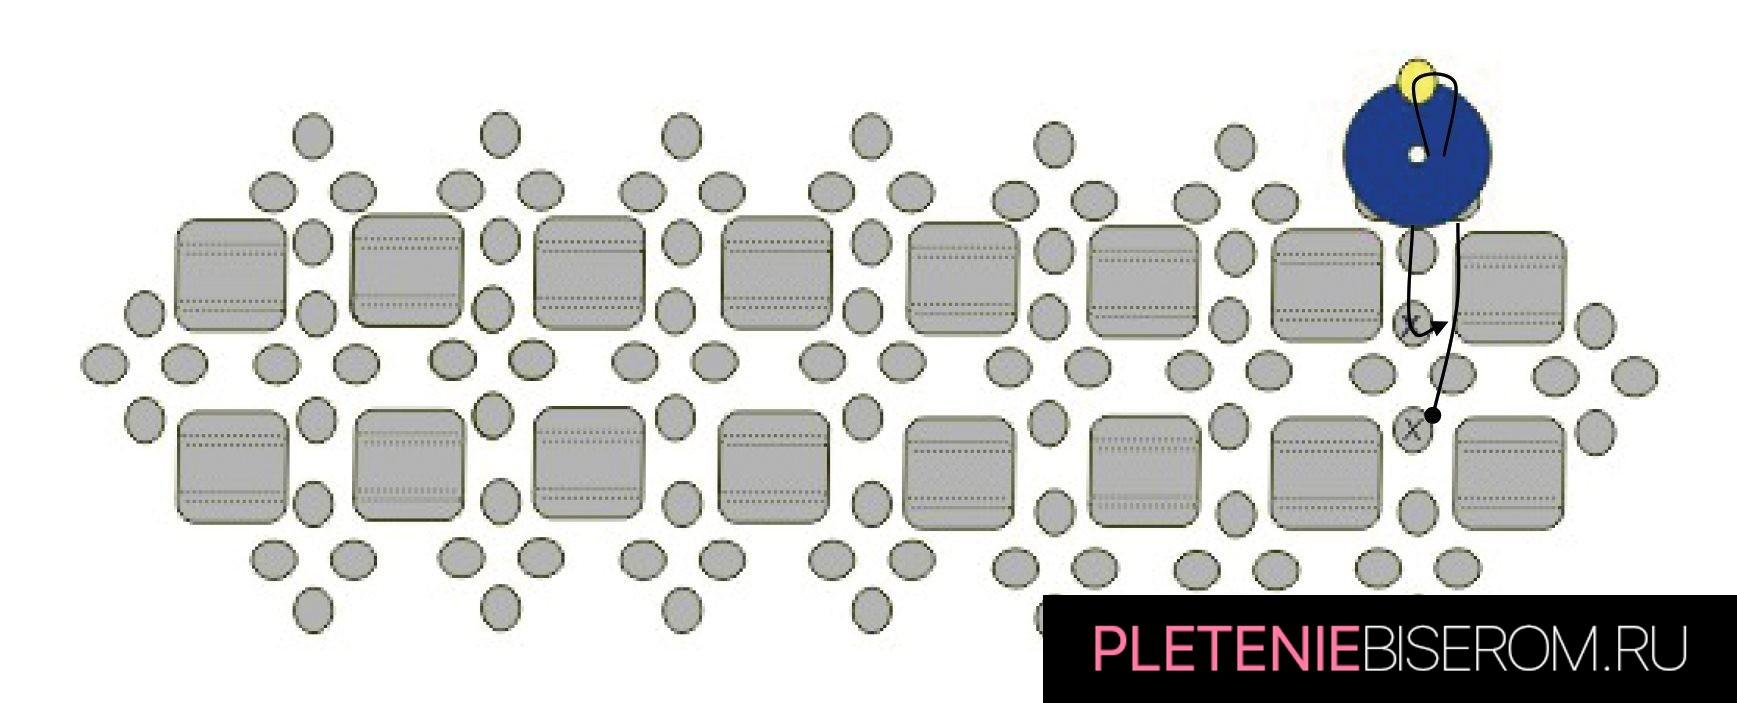 Стильные серьги из бисера: схема плетения 8